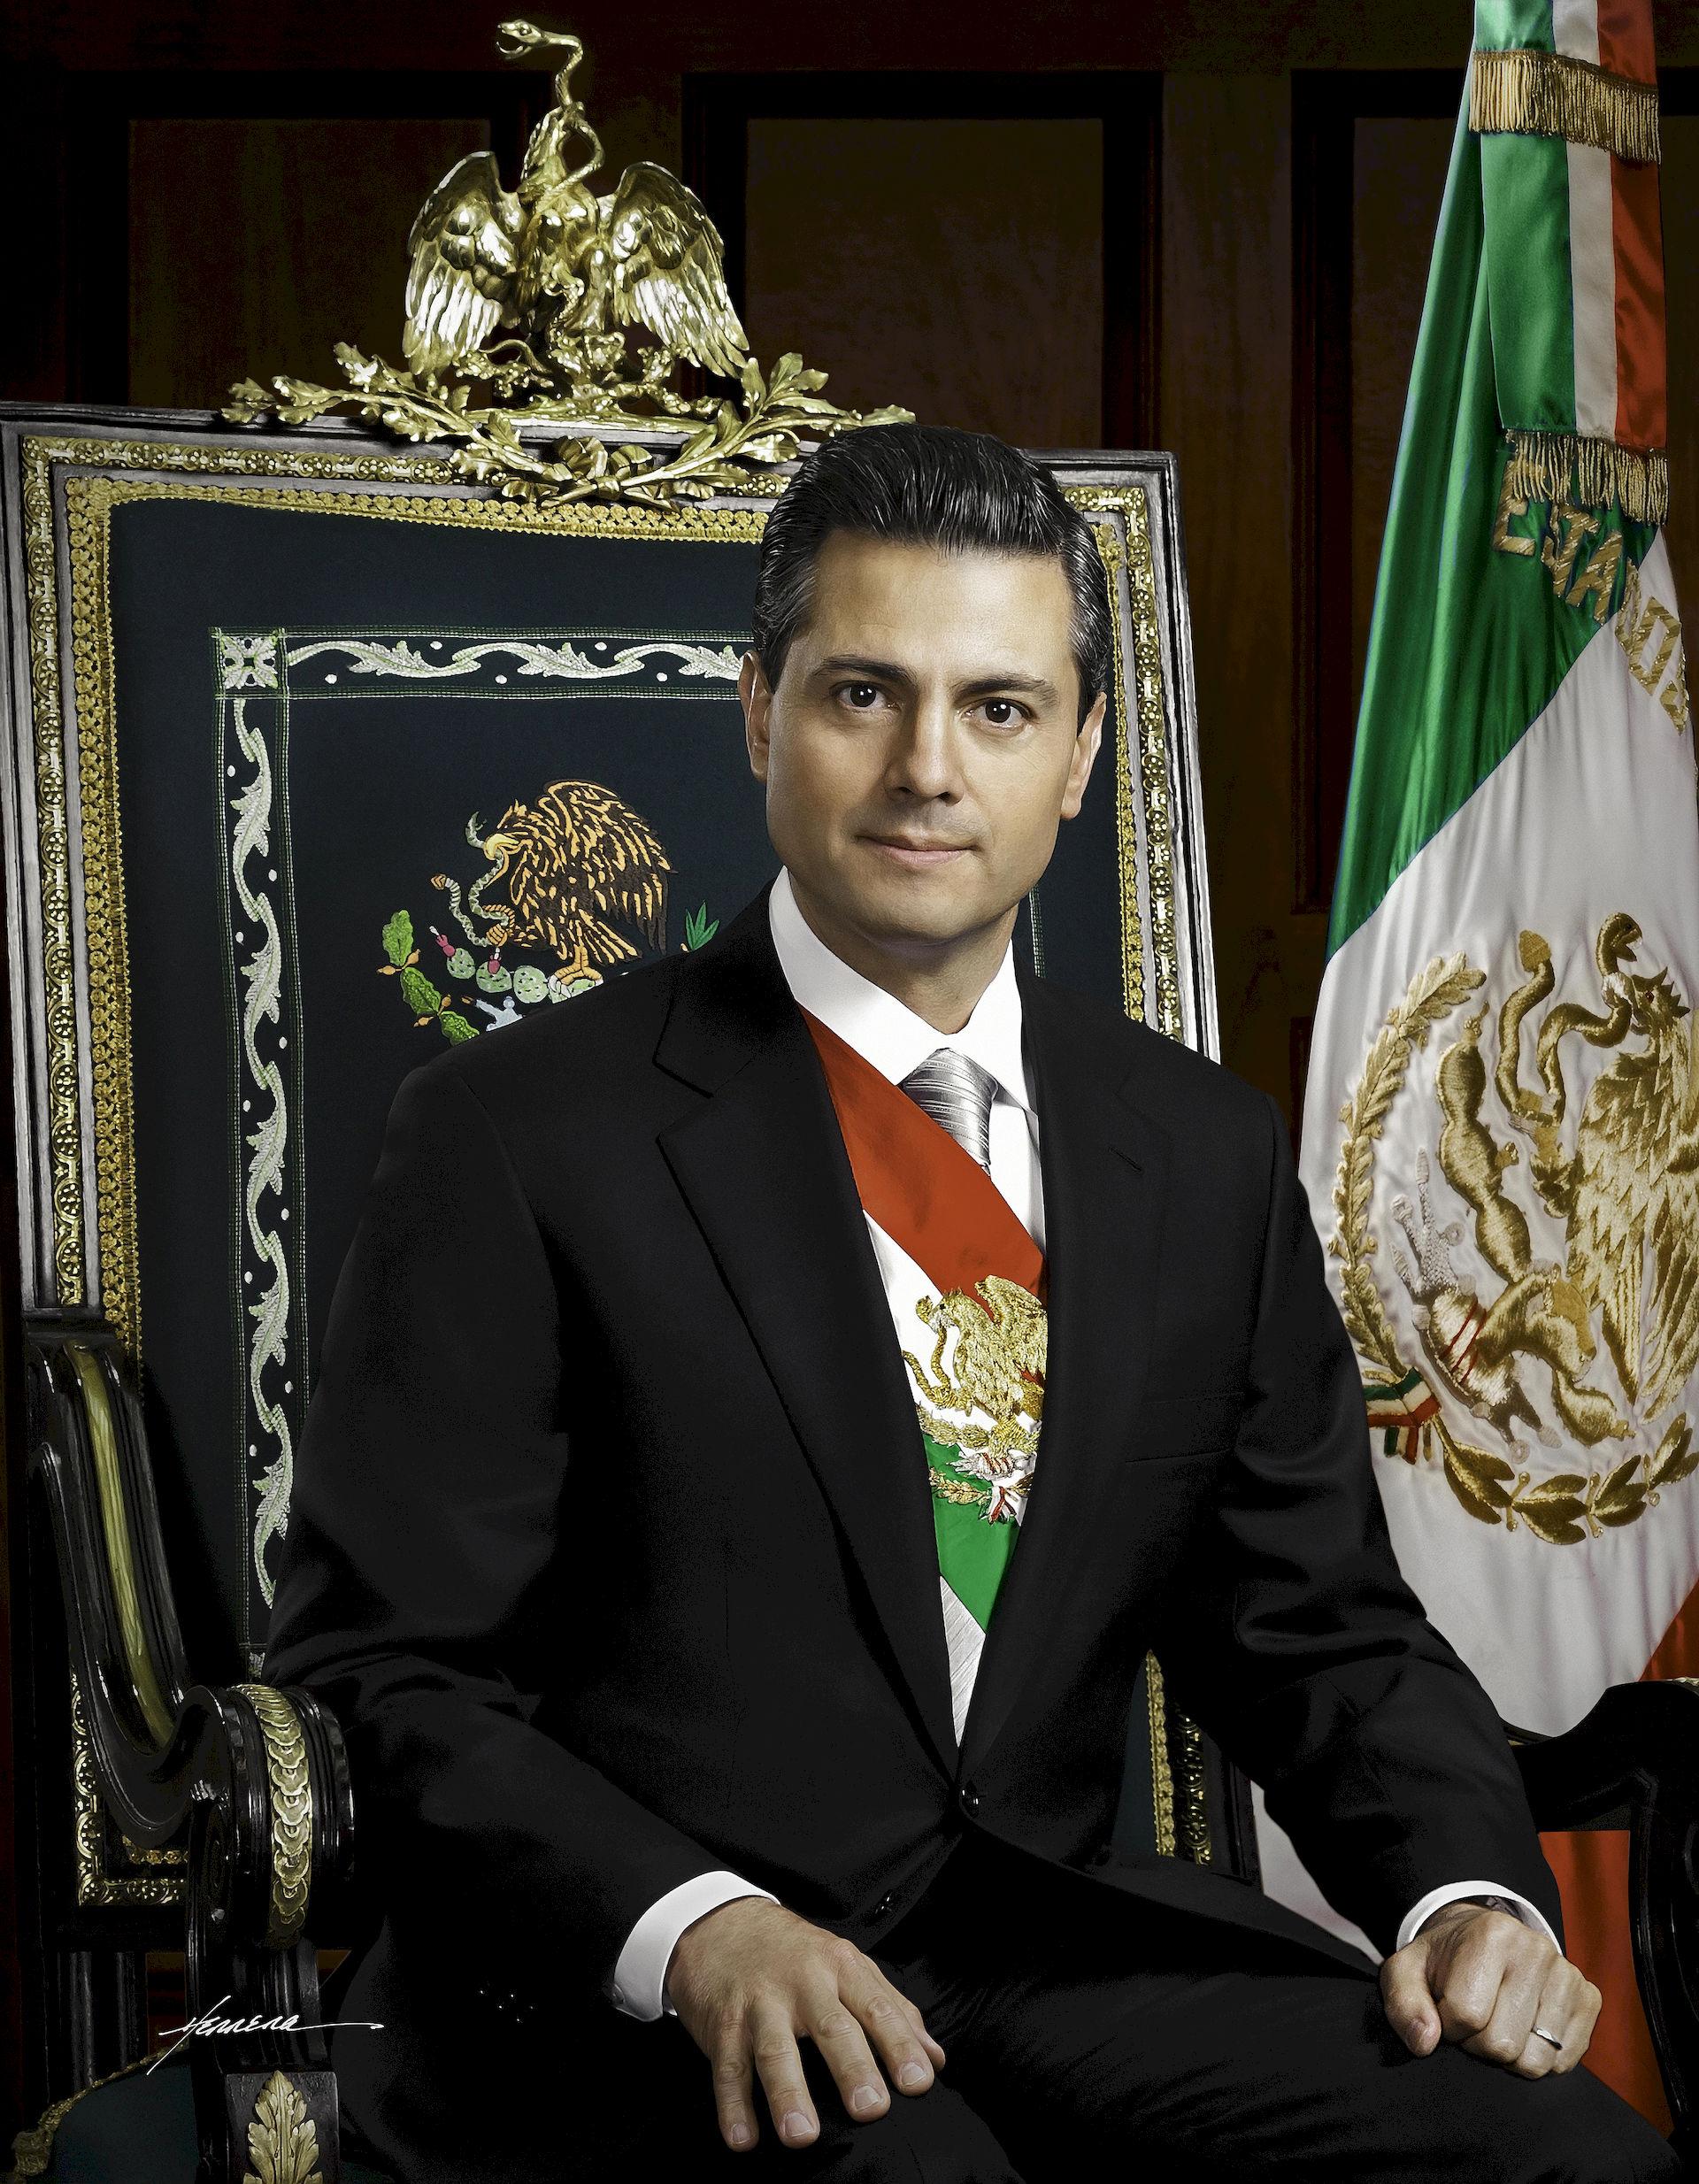 Photo of Enrique Peña Nieto: 57th President of Mexico